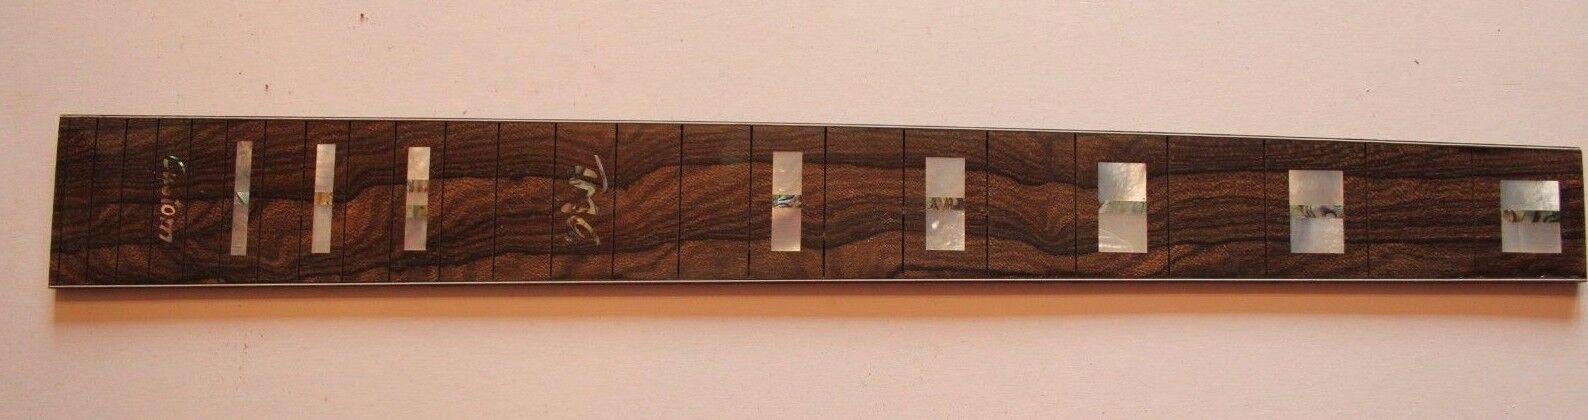 Bella TMG Ziricote TASTIERA fretboard MOP abalone INTARSI gitarrenbau